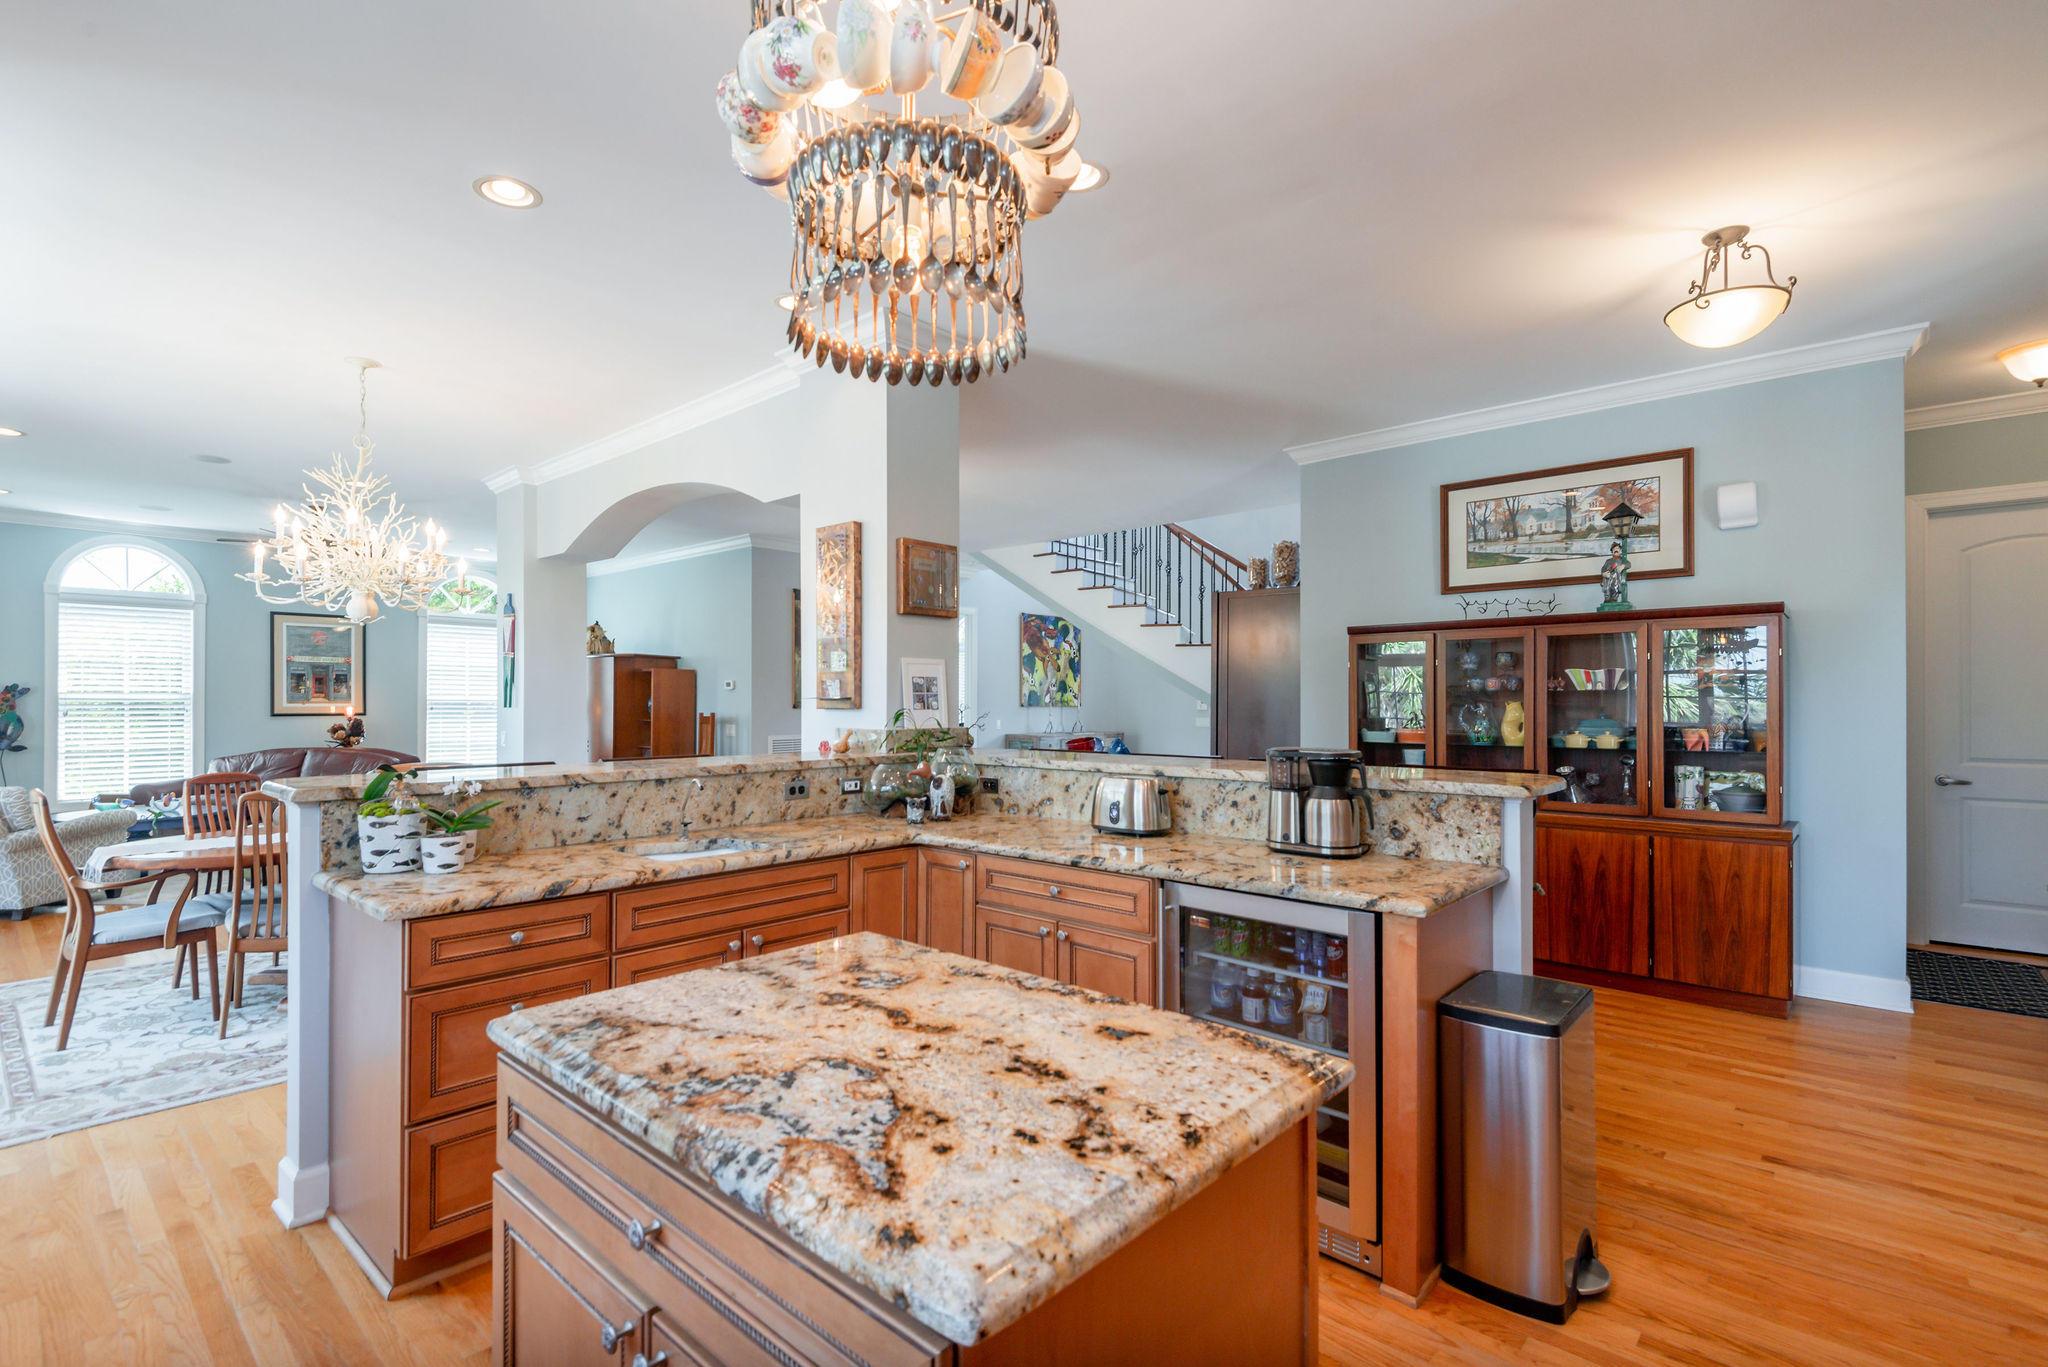 Ellis Oaks Homes For Sale - 828 Mary River, Charleston, SC - 26